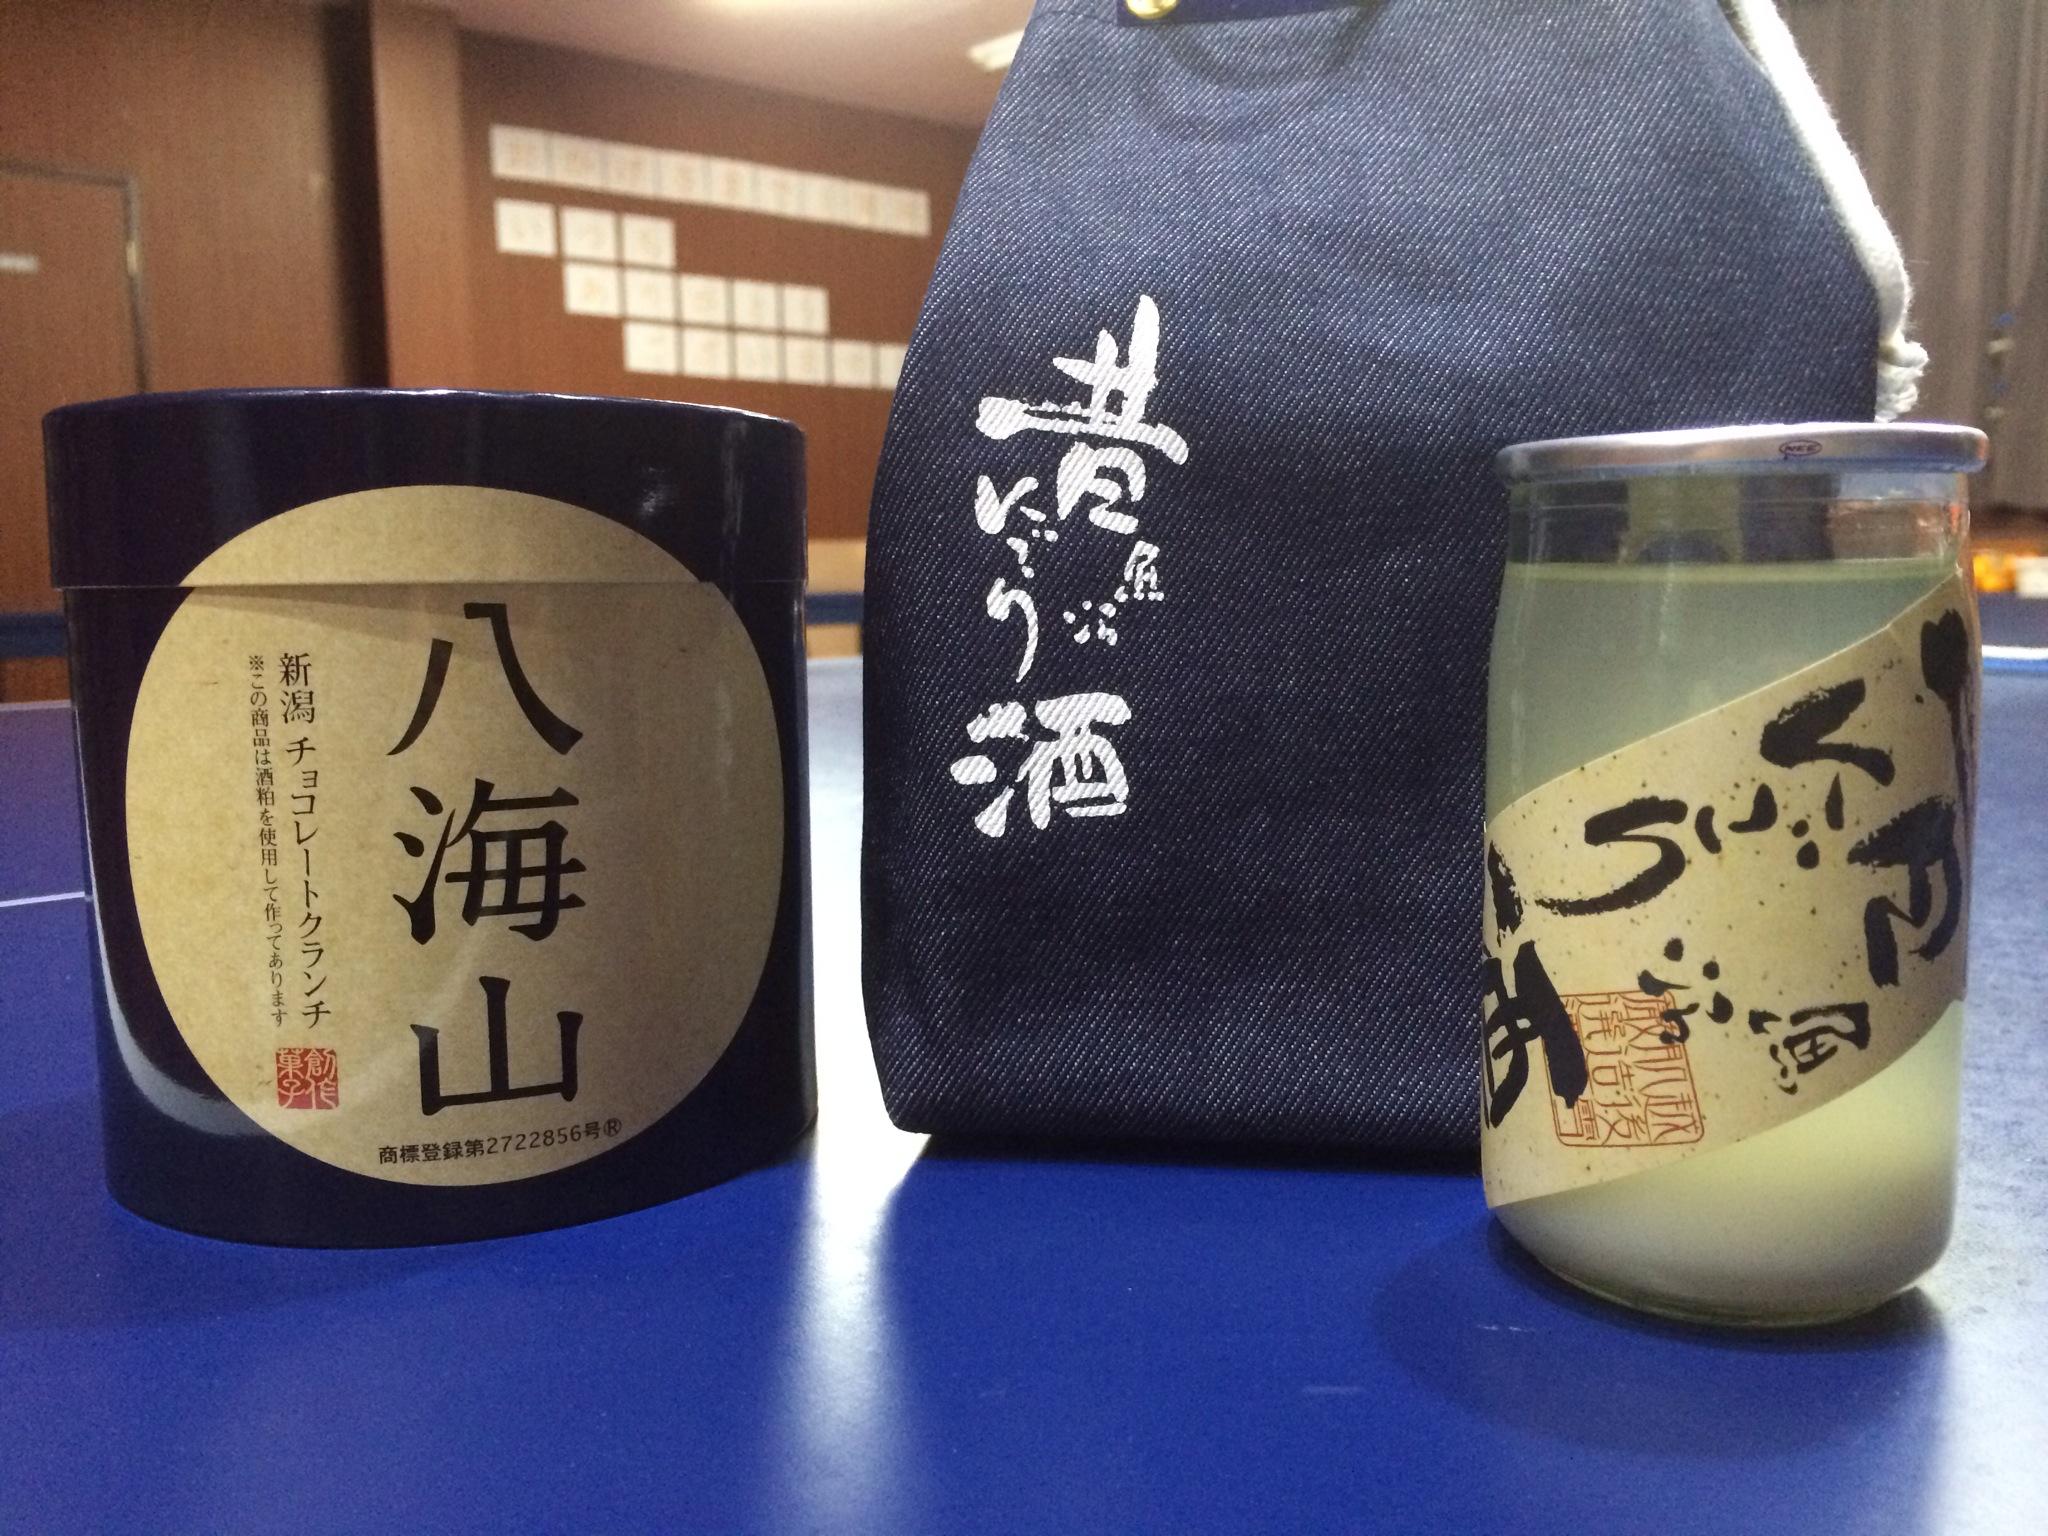 先日、ジュニアの子からお土産をいただきました!新潟のにごり酒おいしかったです!